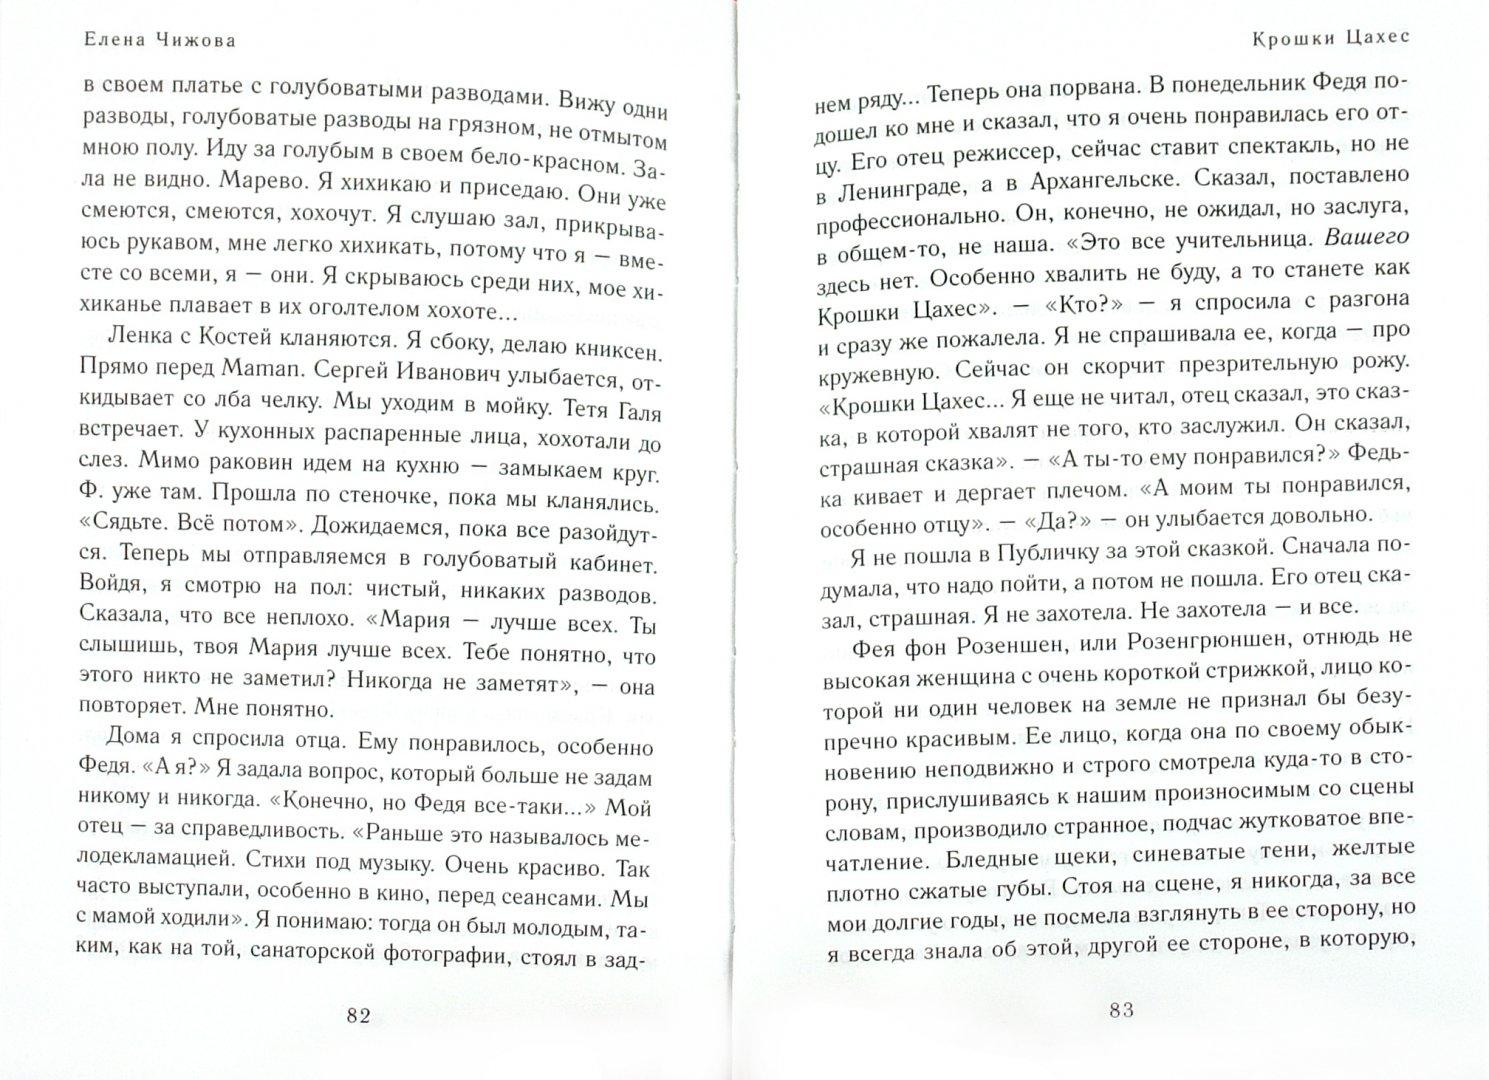 Иллюстрация 1 из 11 для Крошки Цахес - Елена Чижова | Лабиринт - книги. Источник: Лабиринт